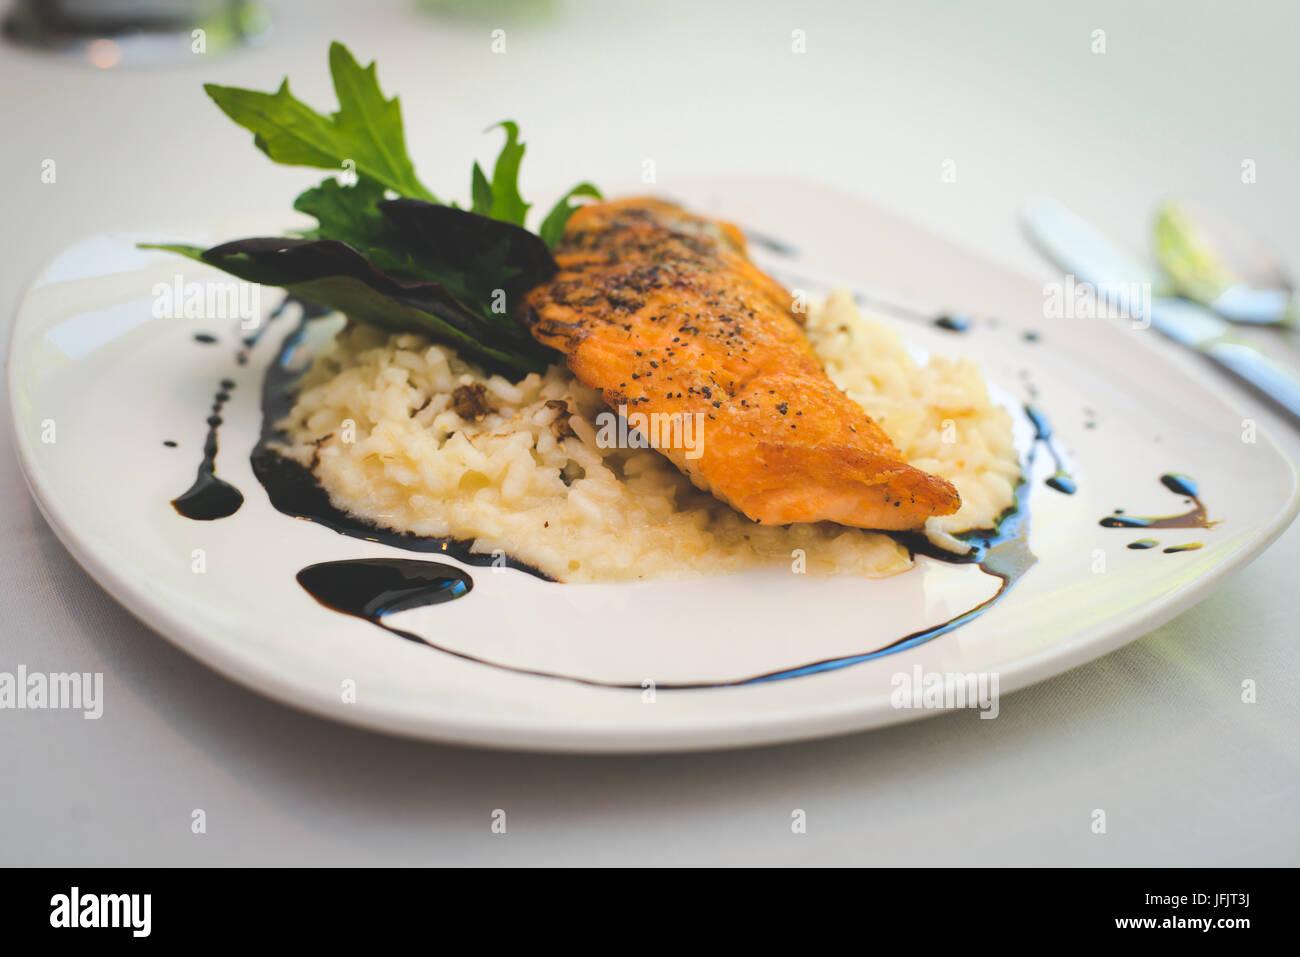 Selezionare ristoranti presenti il loro cibo in un pittoresco modo. Immagini Stock